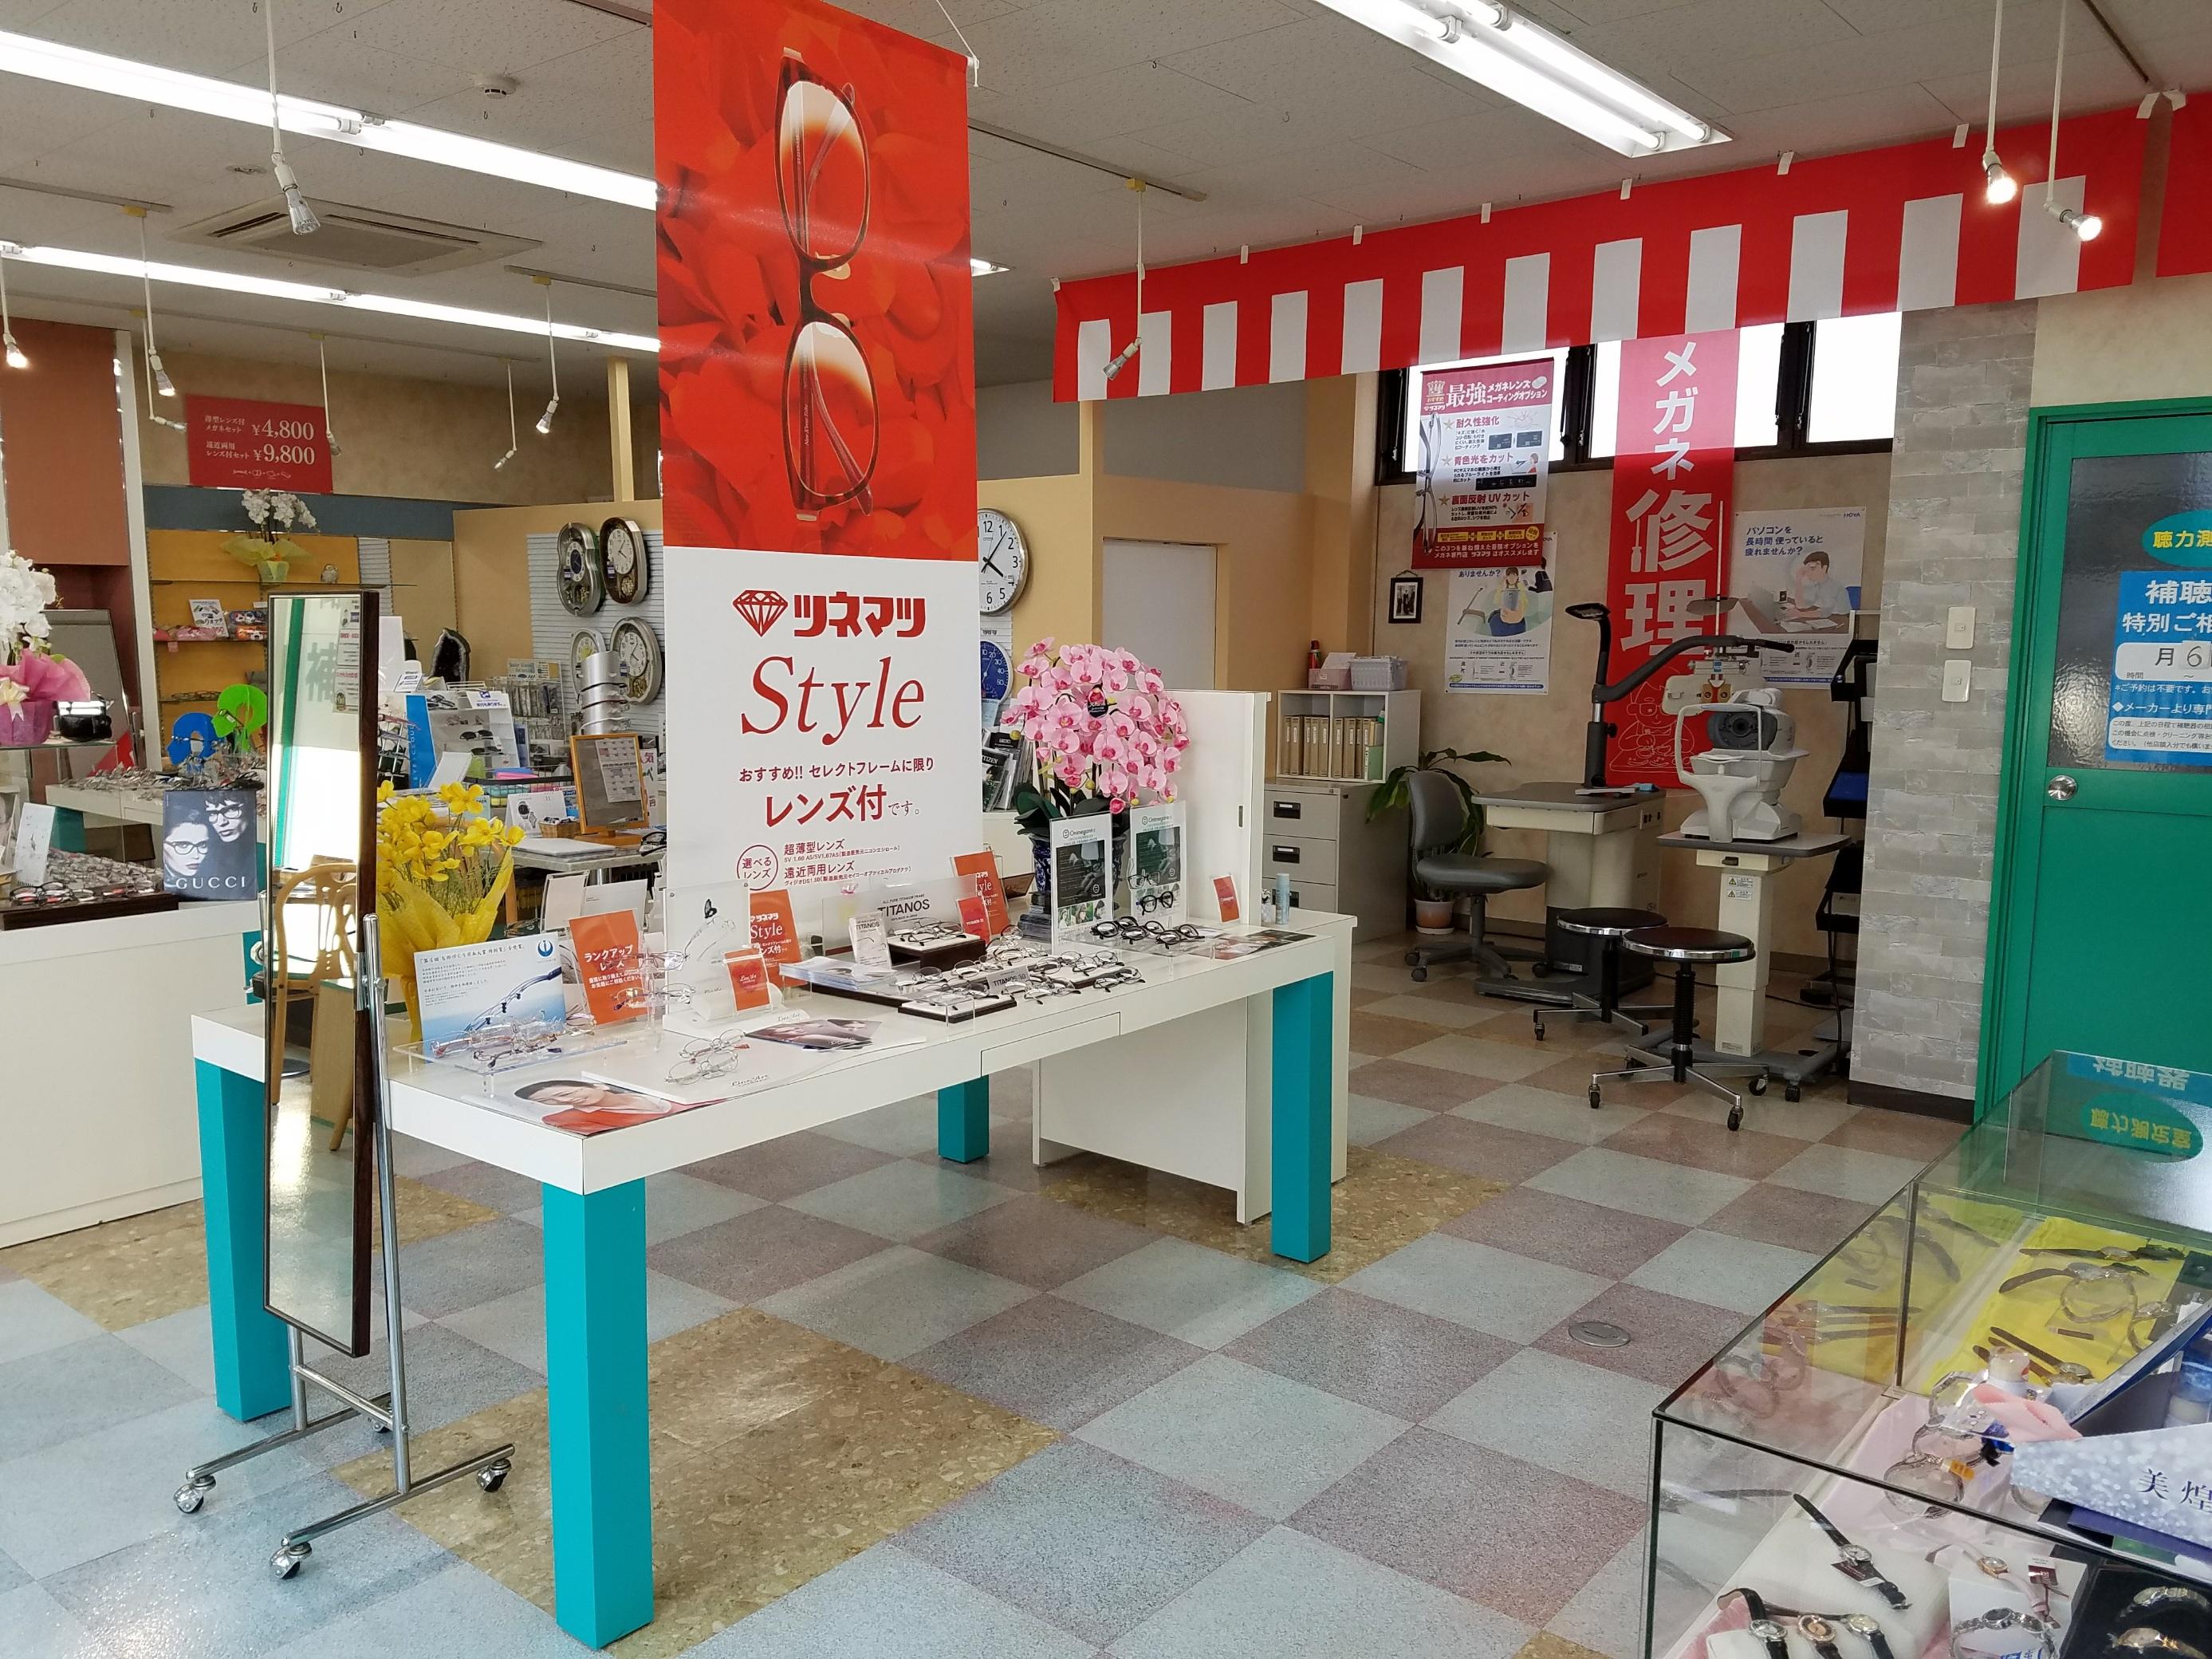 恒松時計店(あさぎり店)